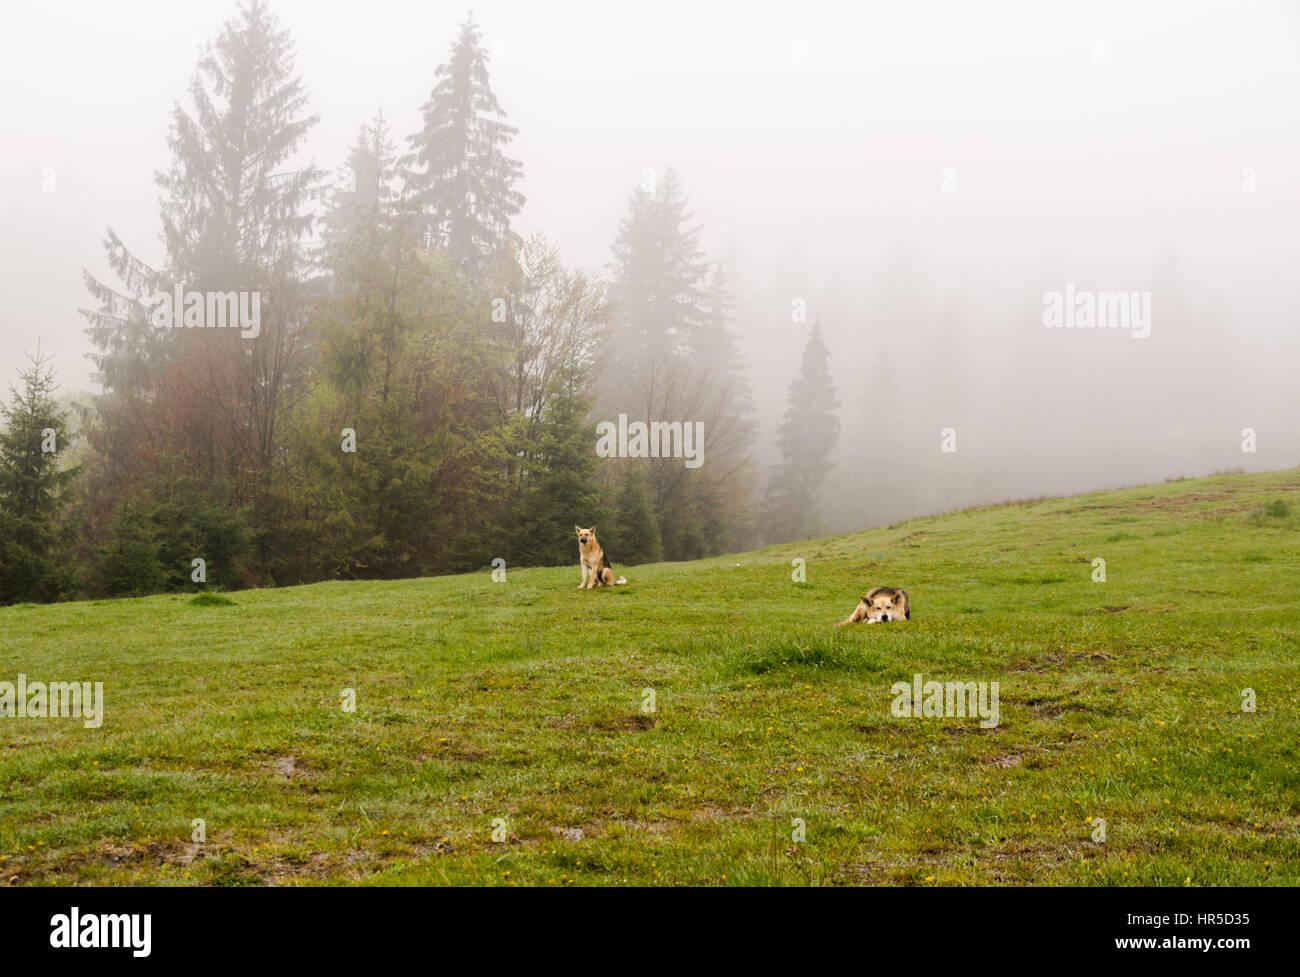 Los perros pastores acostarse sobre una ladera misty mañana de primavera Foto de stock